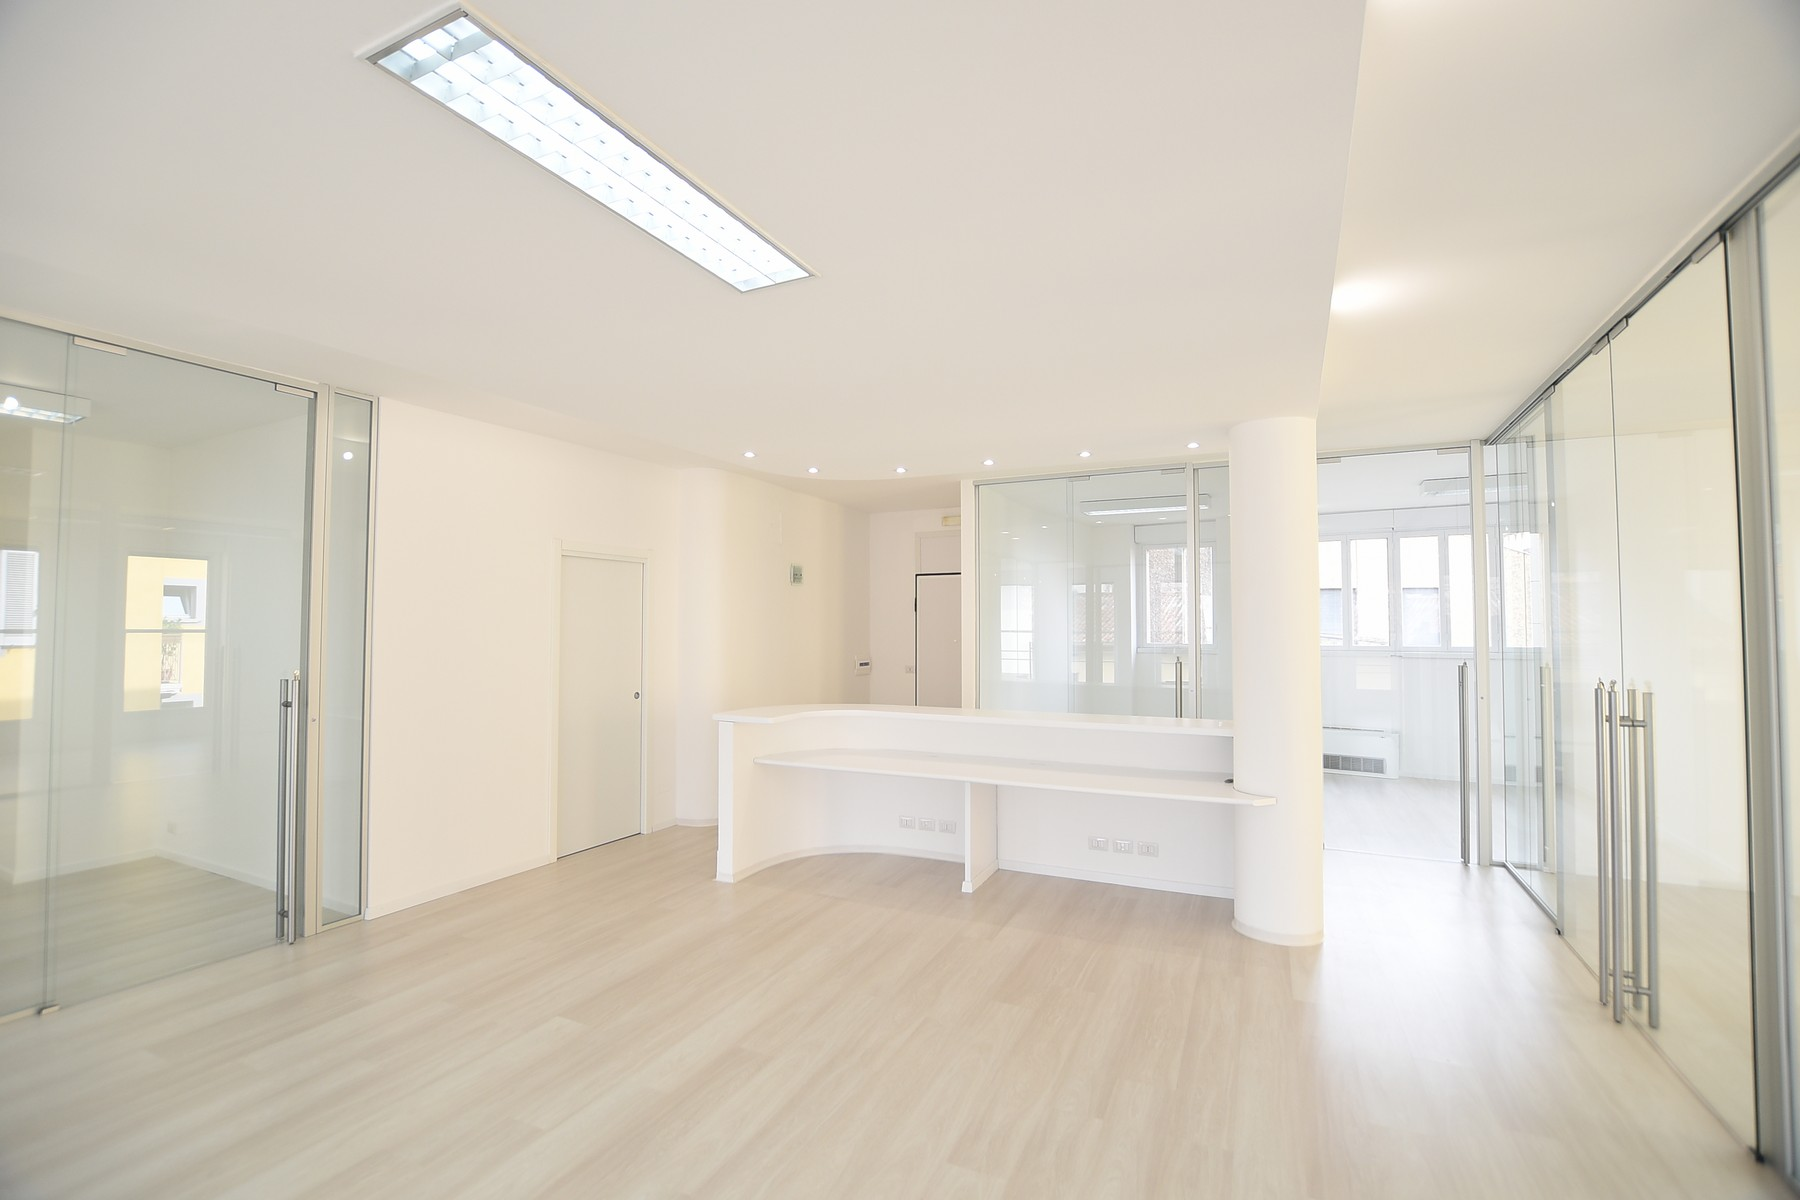 Ufficio-studio in Vendita a Como via milano